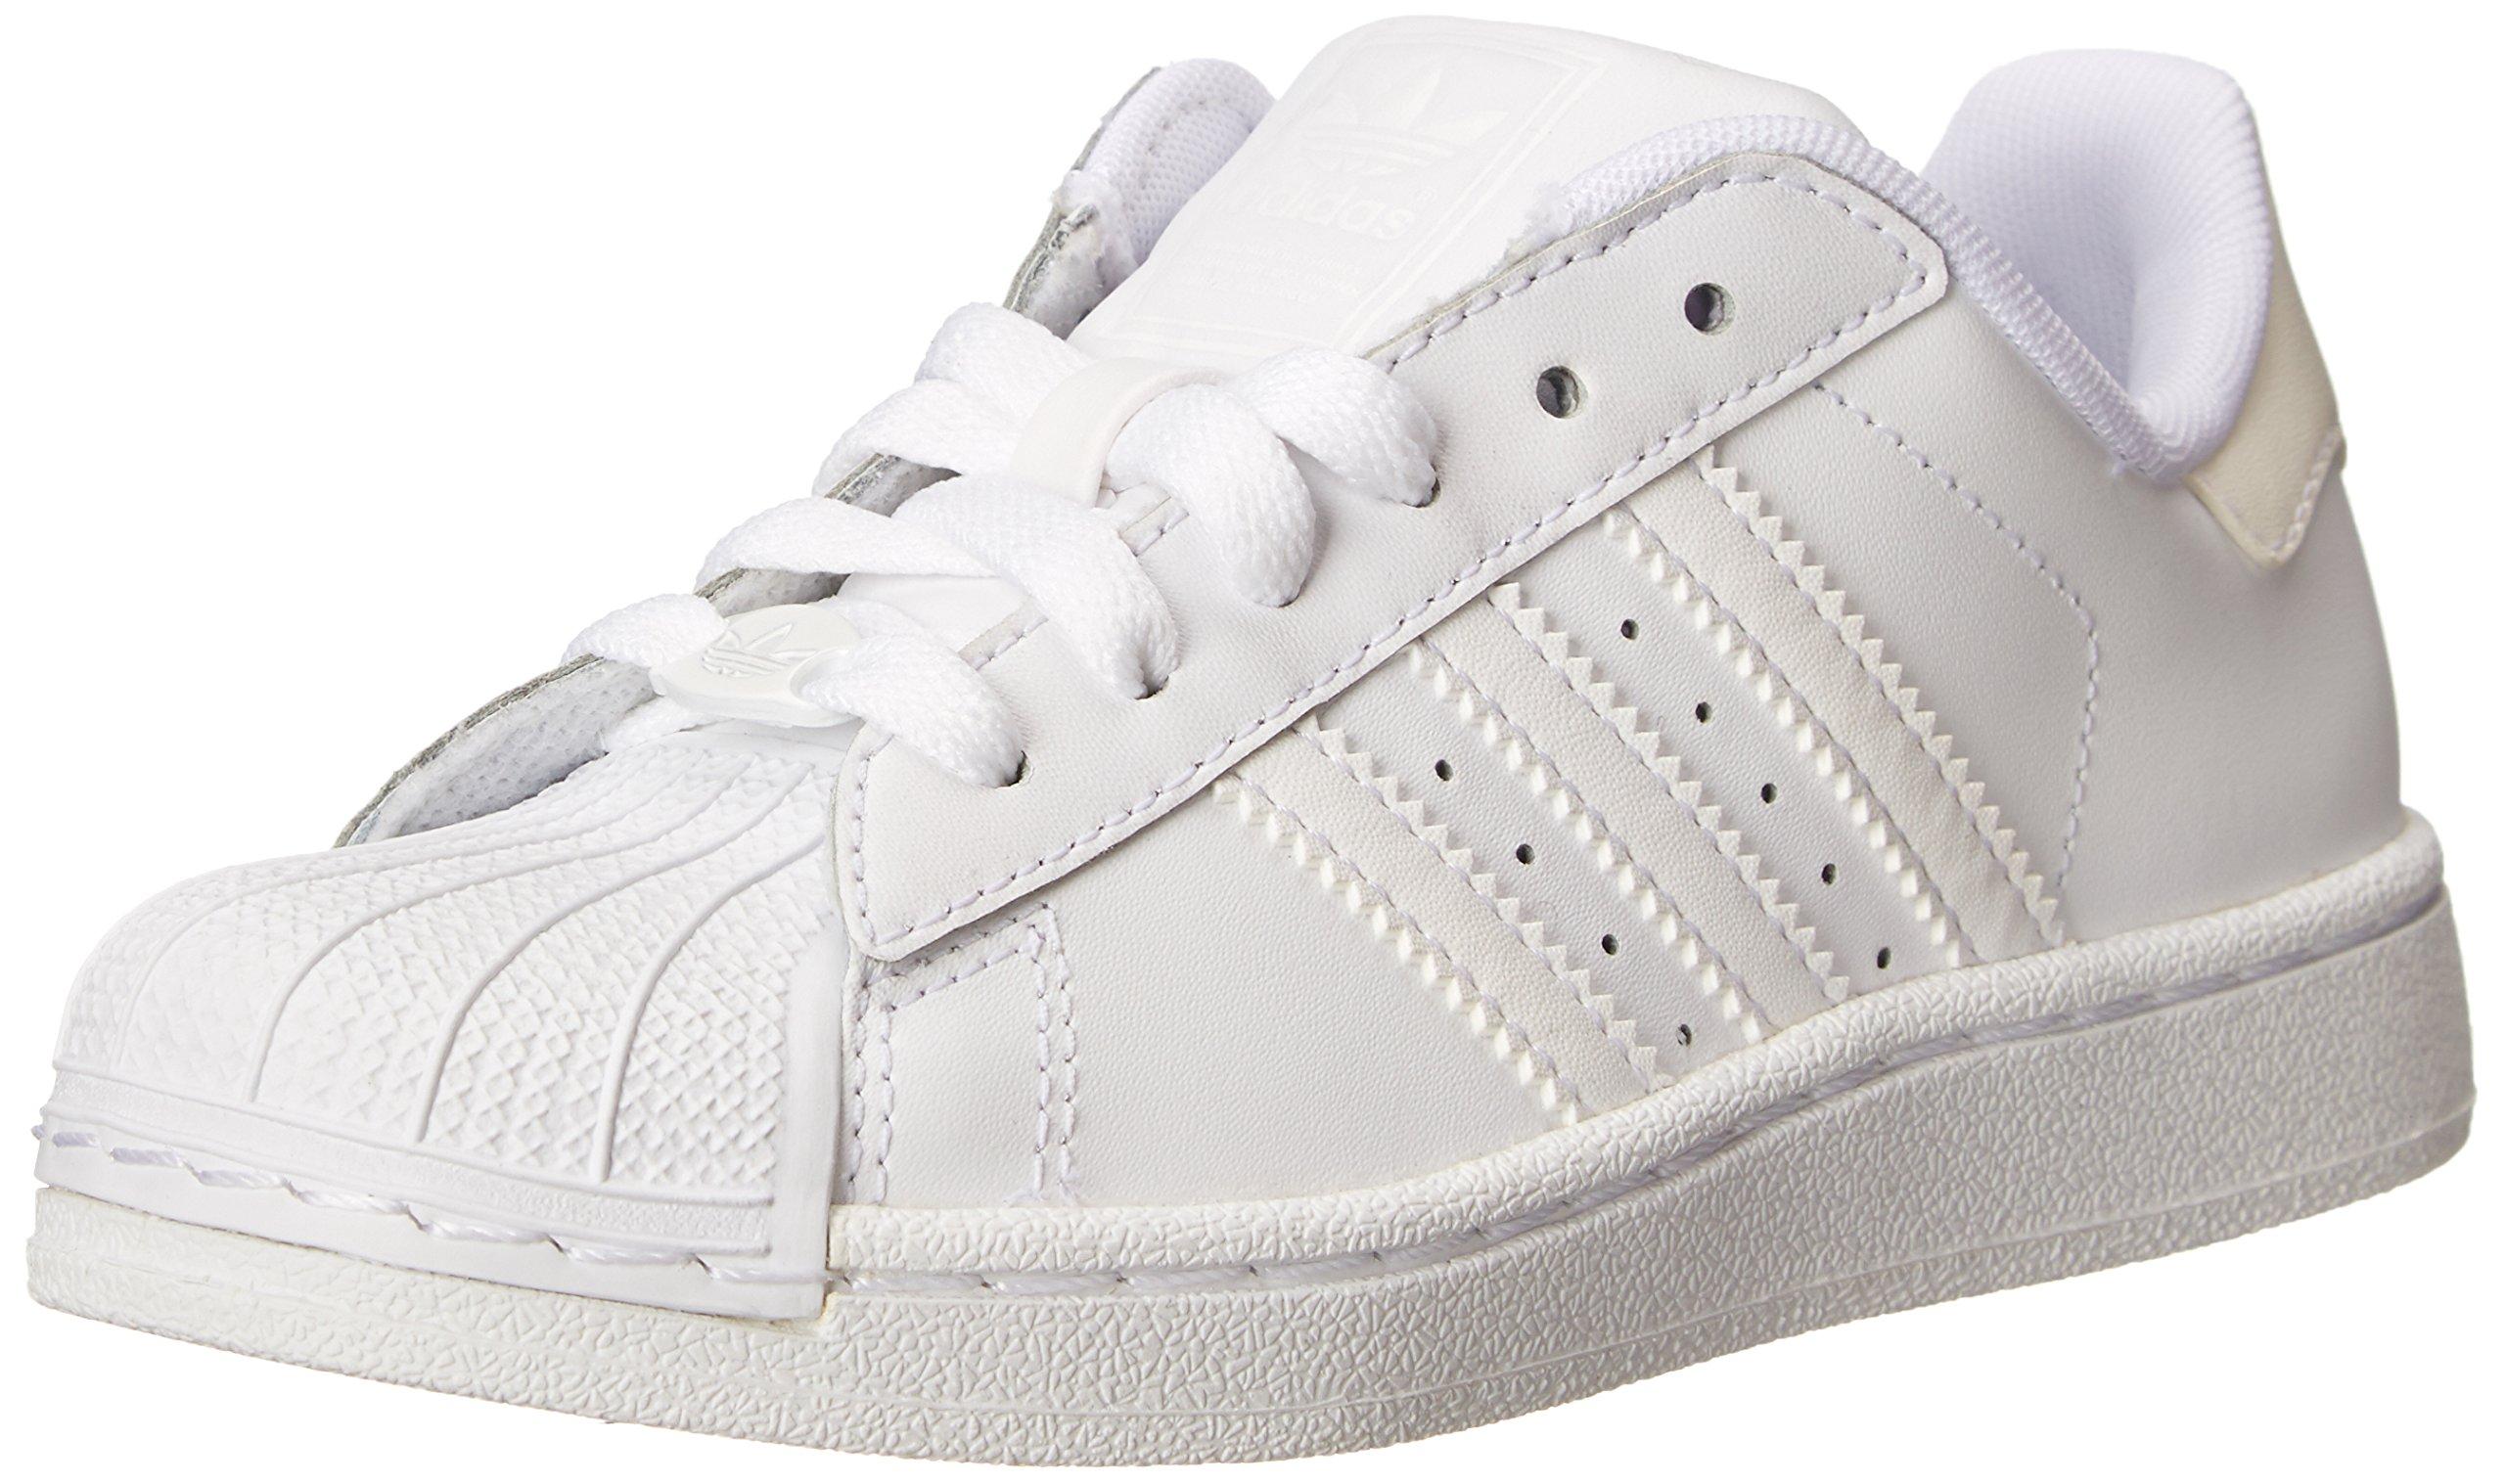 adidas Originals Superstar II Sneaker (Little Kid/Big Kid),White/White/White,12.5 M US Little Kid